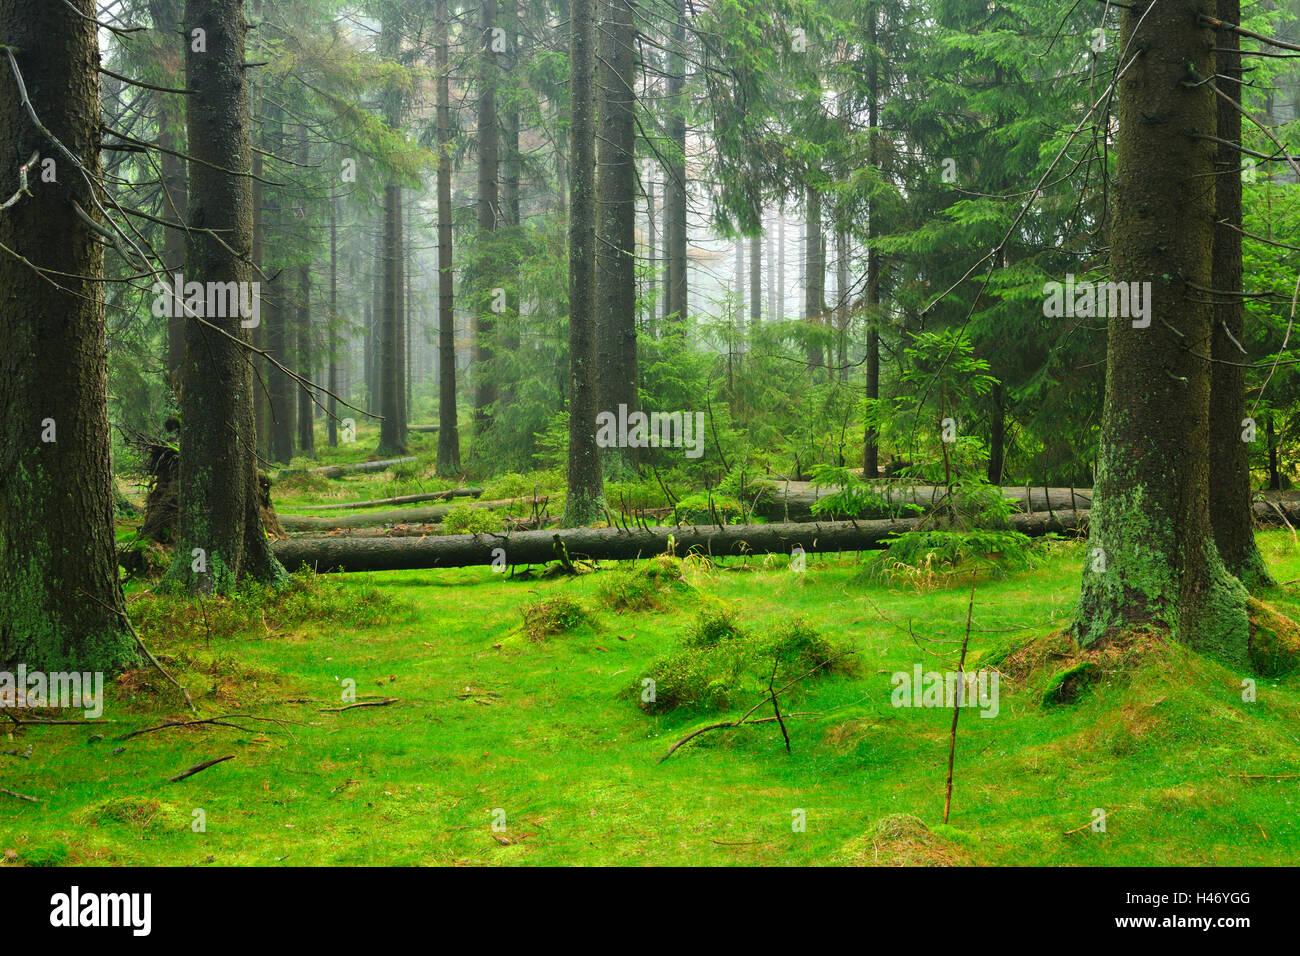 La nature sauvage intacte dans le Harz, Nature Park, Allemagne Photo Stock